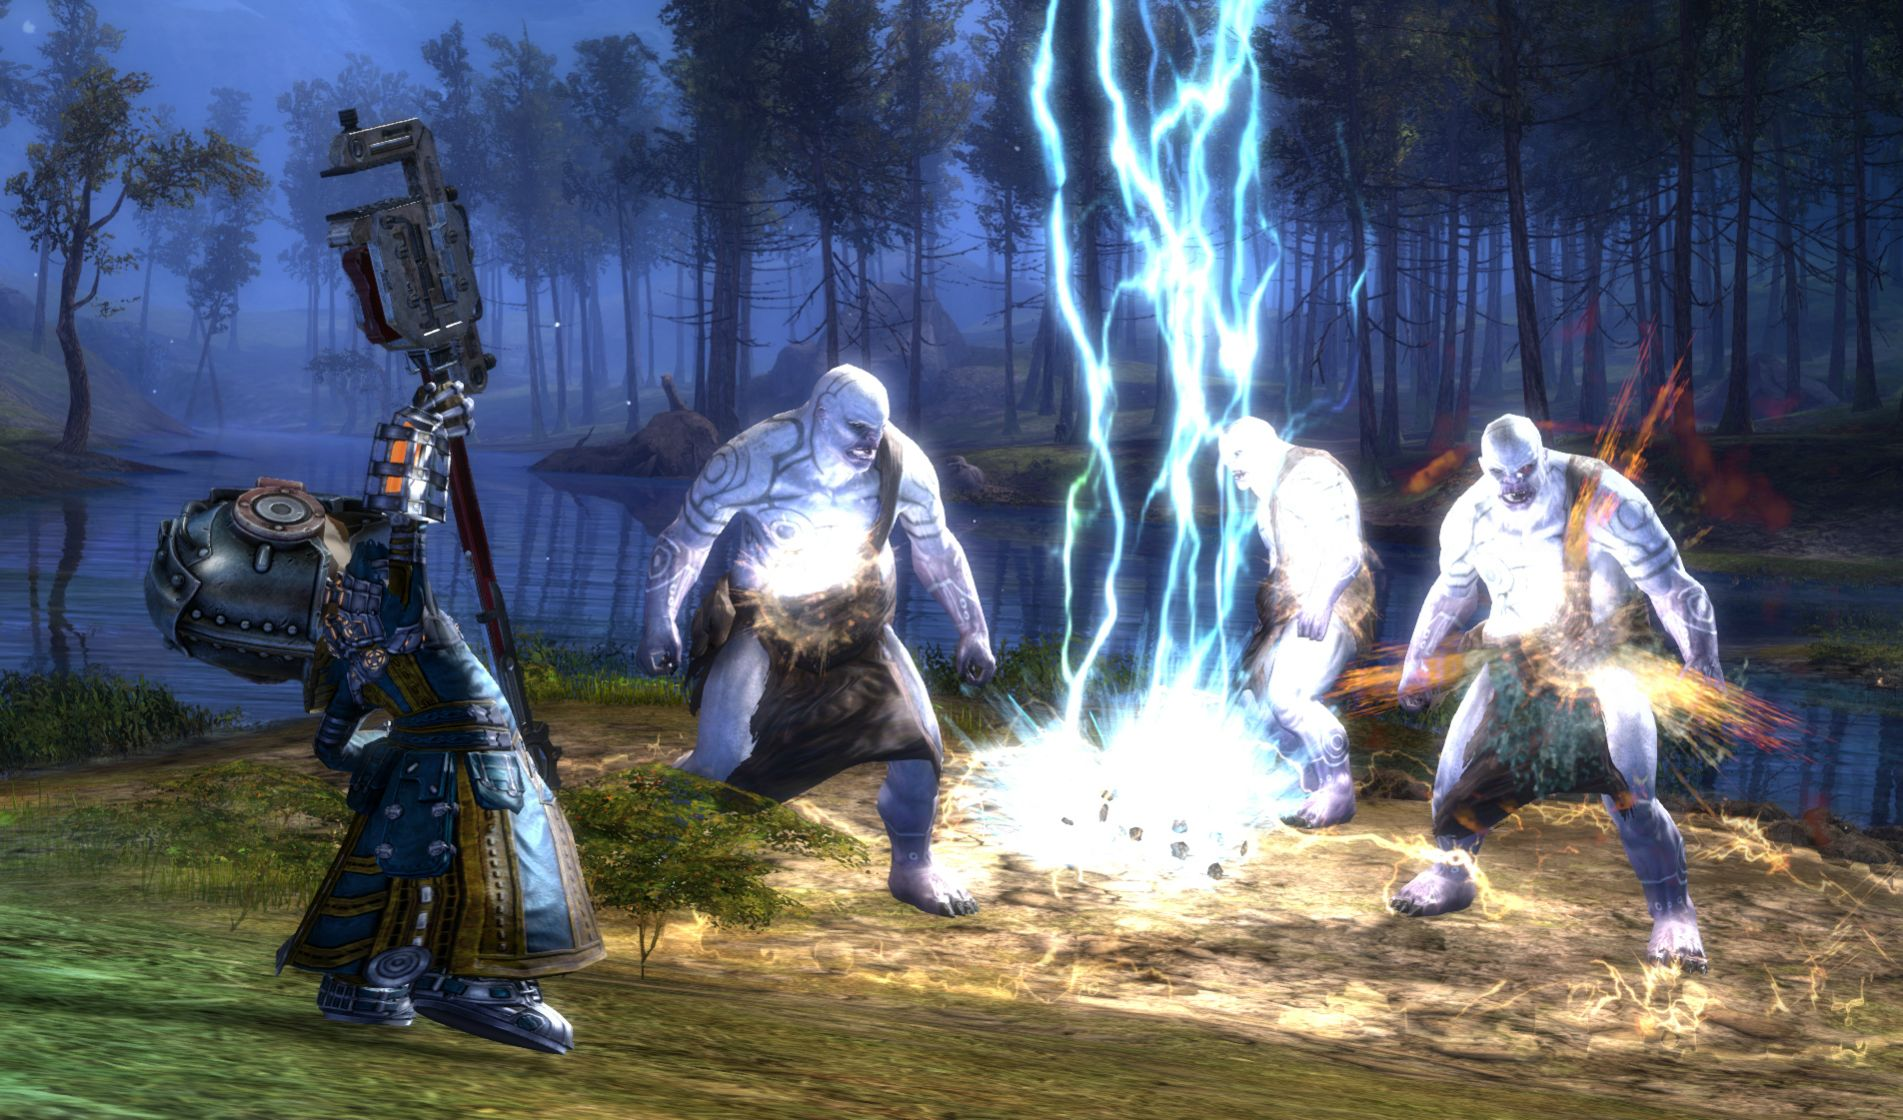 Der Thunderclap trifft viele Feinde gleichzeitig und lähmt sie.